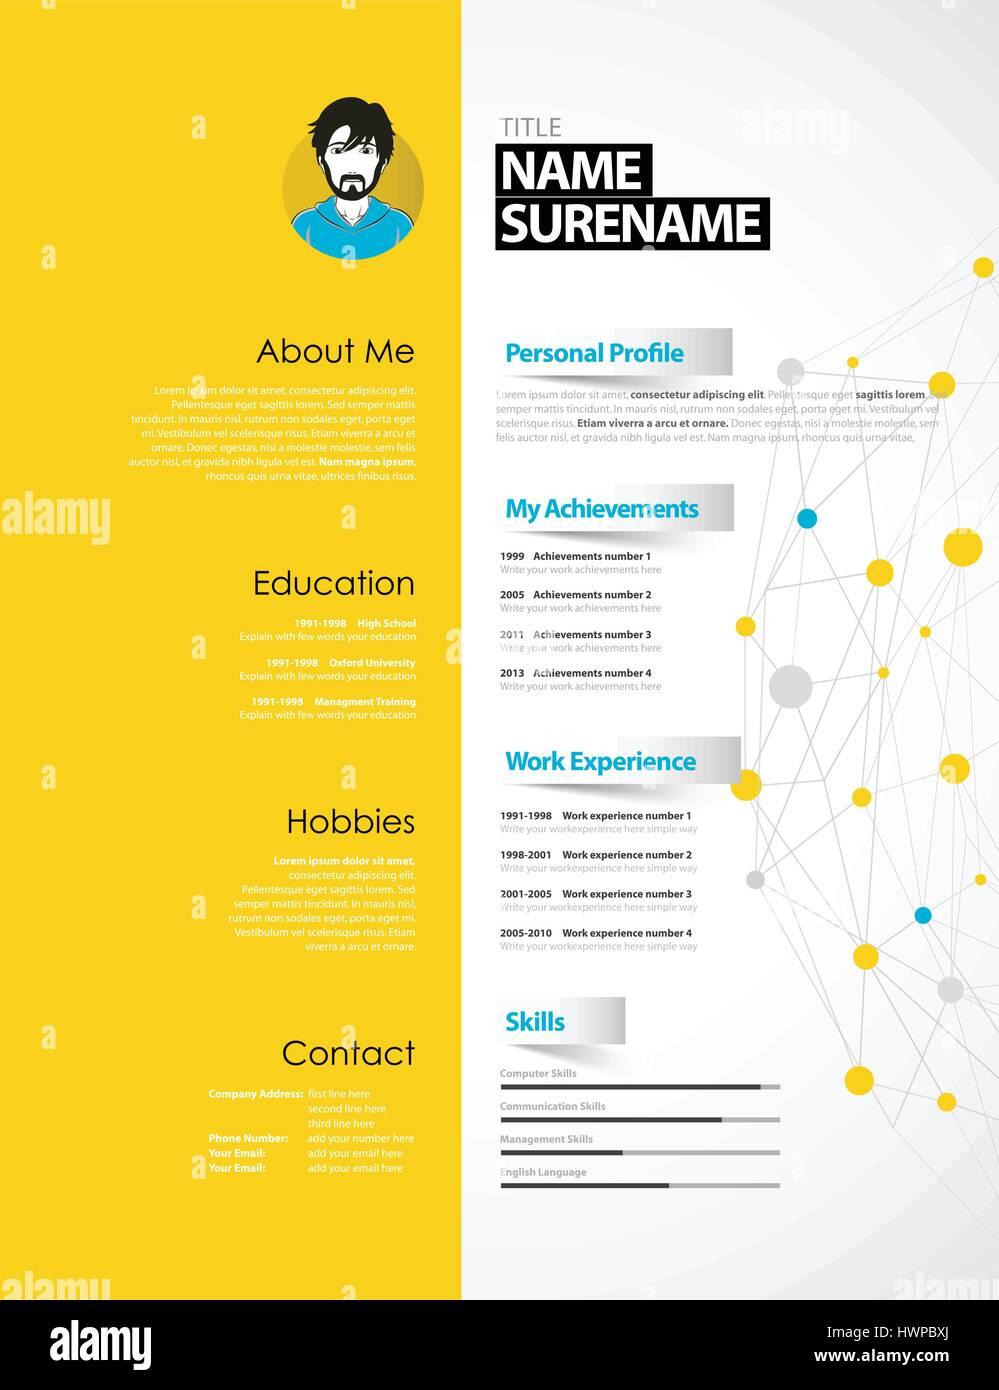 Kreative Cv Vorlage Mit Gelbem Papier Streifen Vektor Abbildung